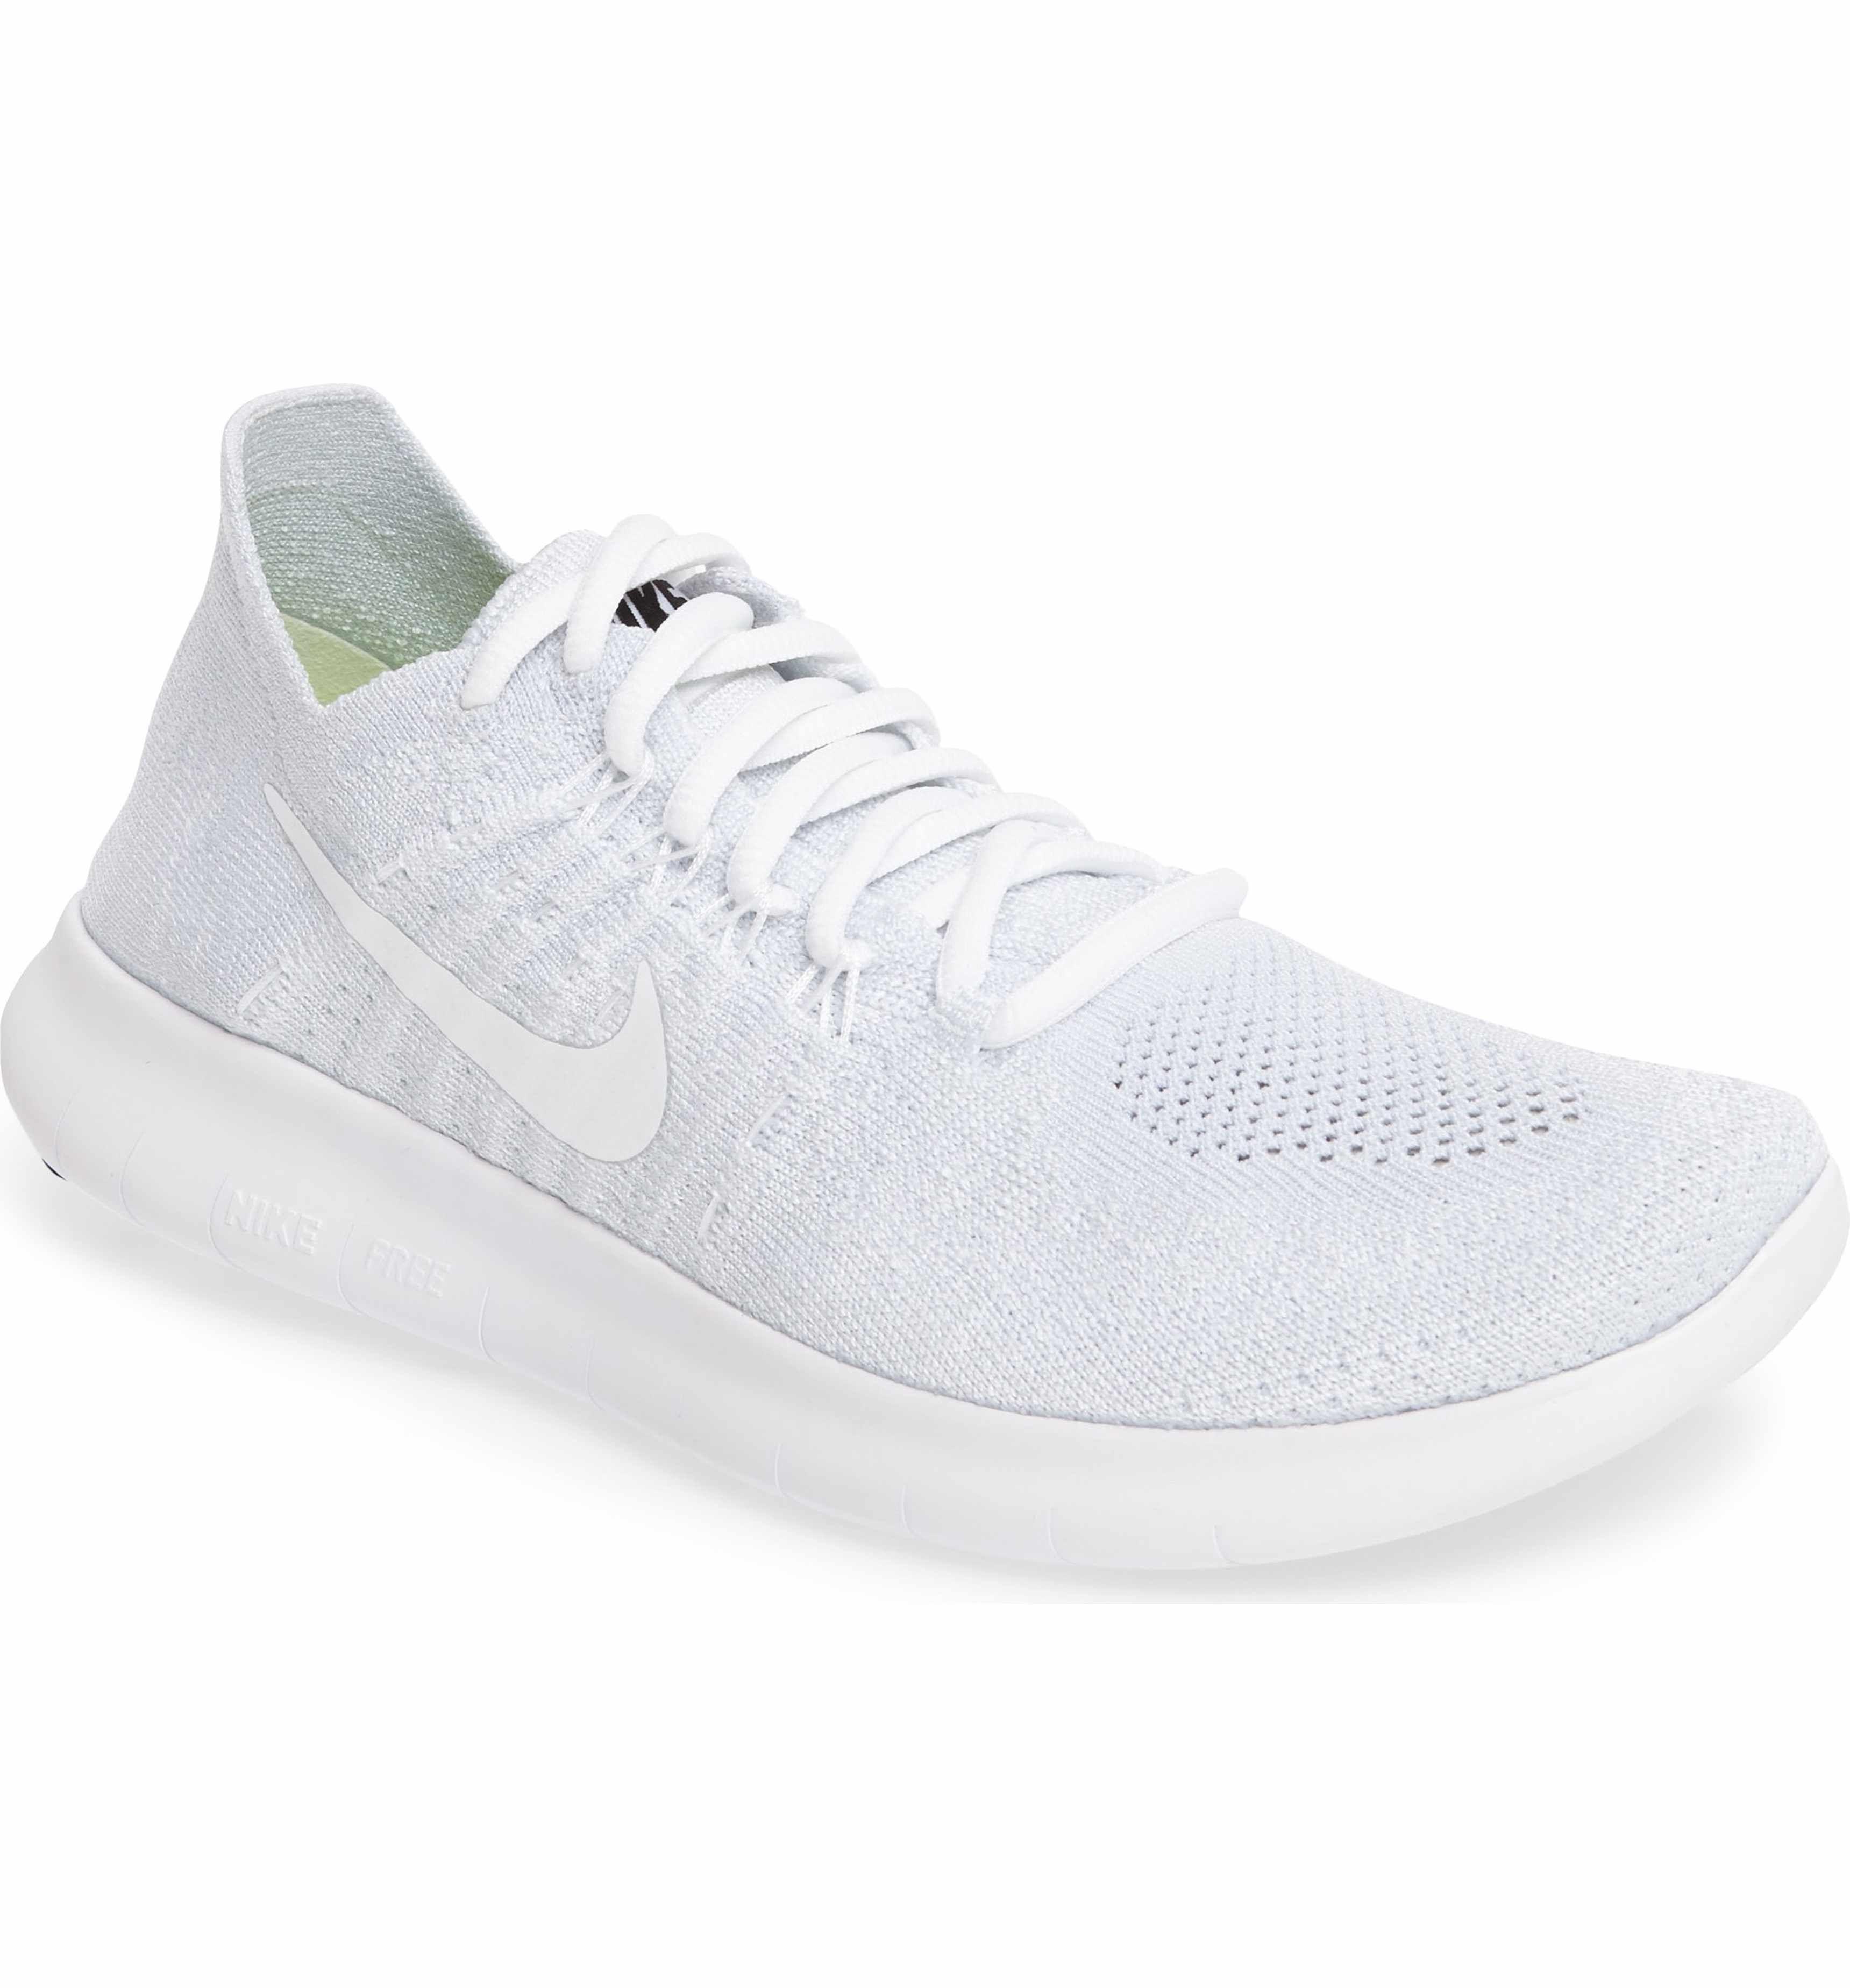 46be57c37b61 Main Image - Nike Free Run Flyknit 2 Running Shoe (Women)